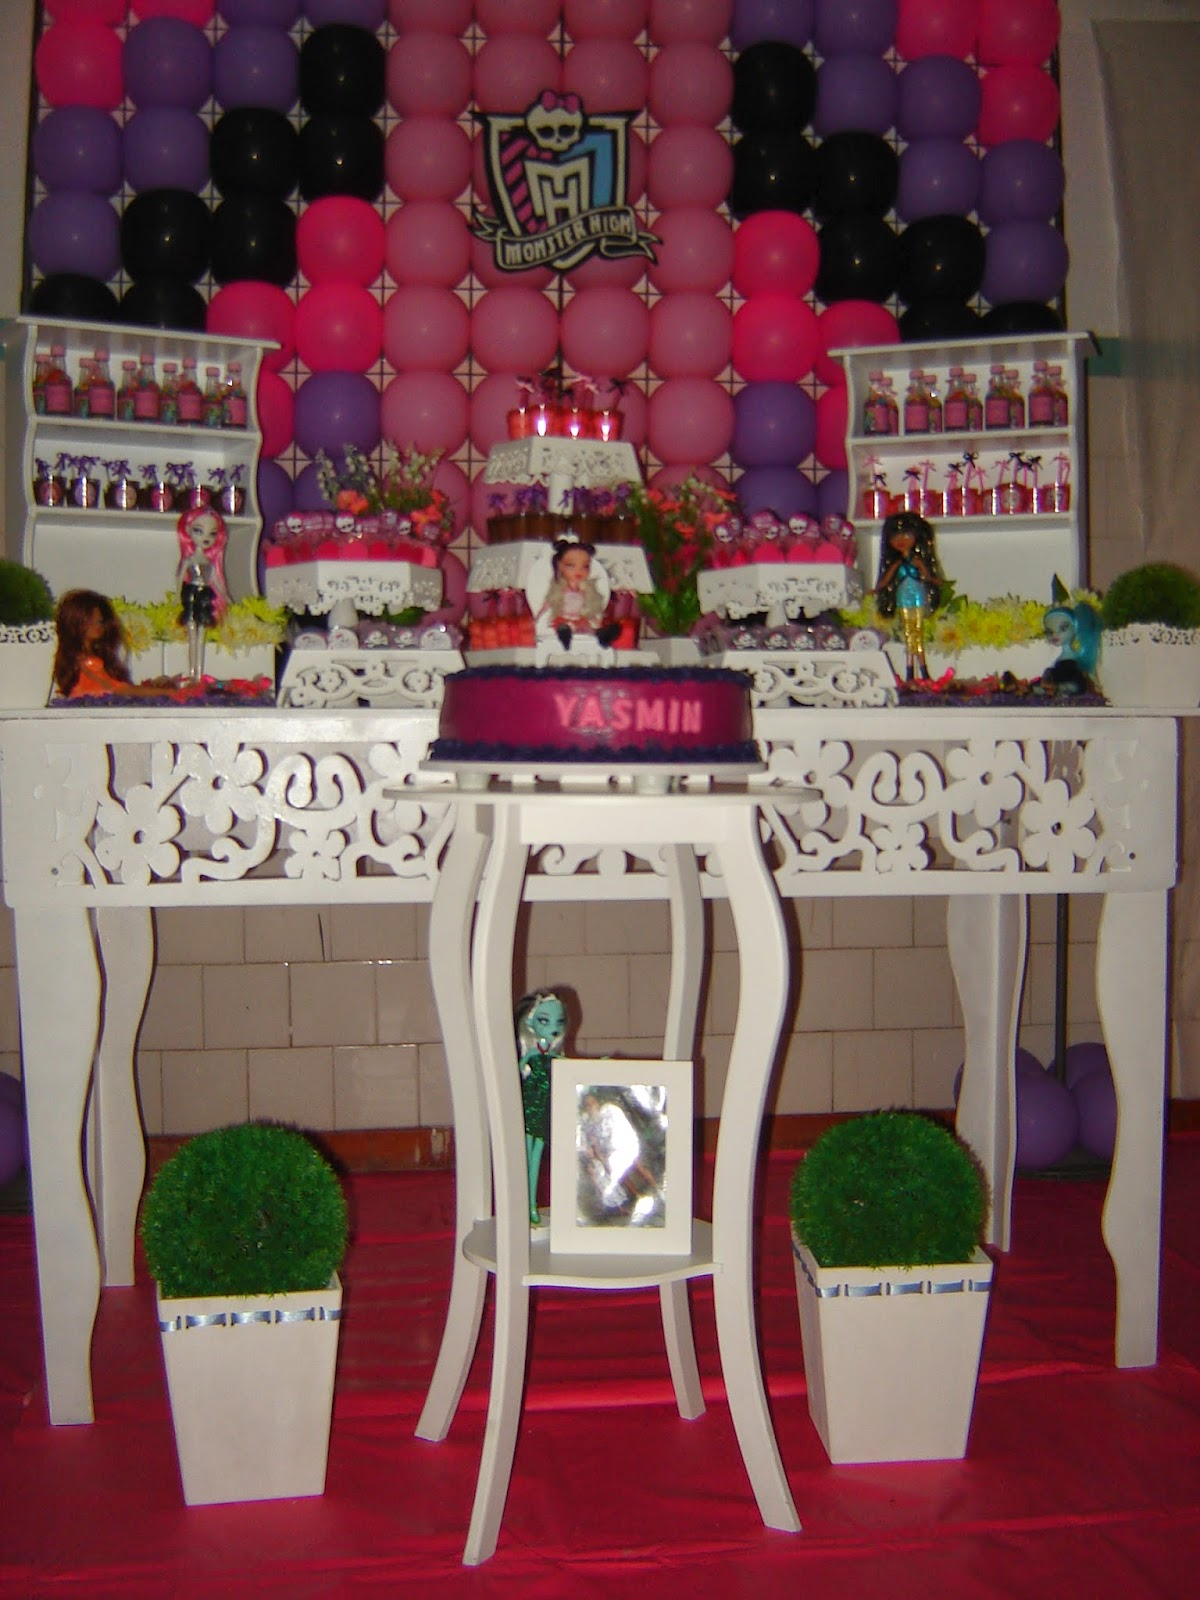 Decoração Yasmim ~ Priscila Arte em balões Decoraç u00e3o Provençal Monster High Yasmim